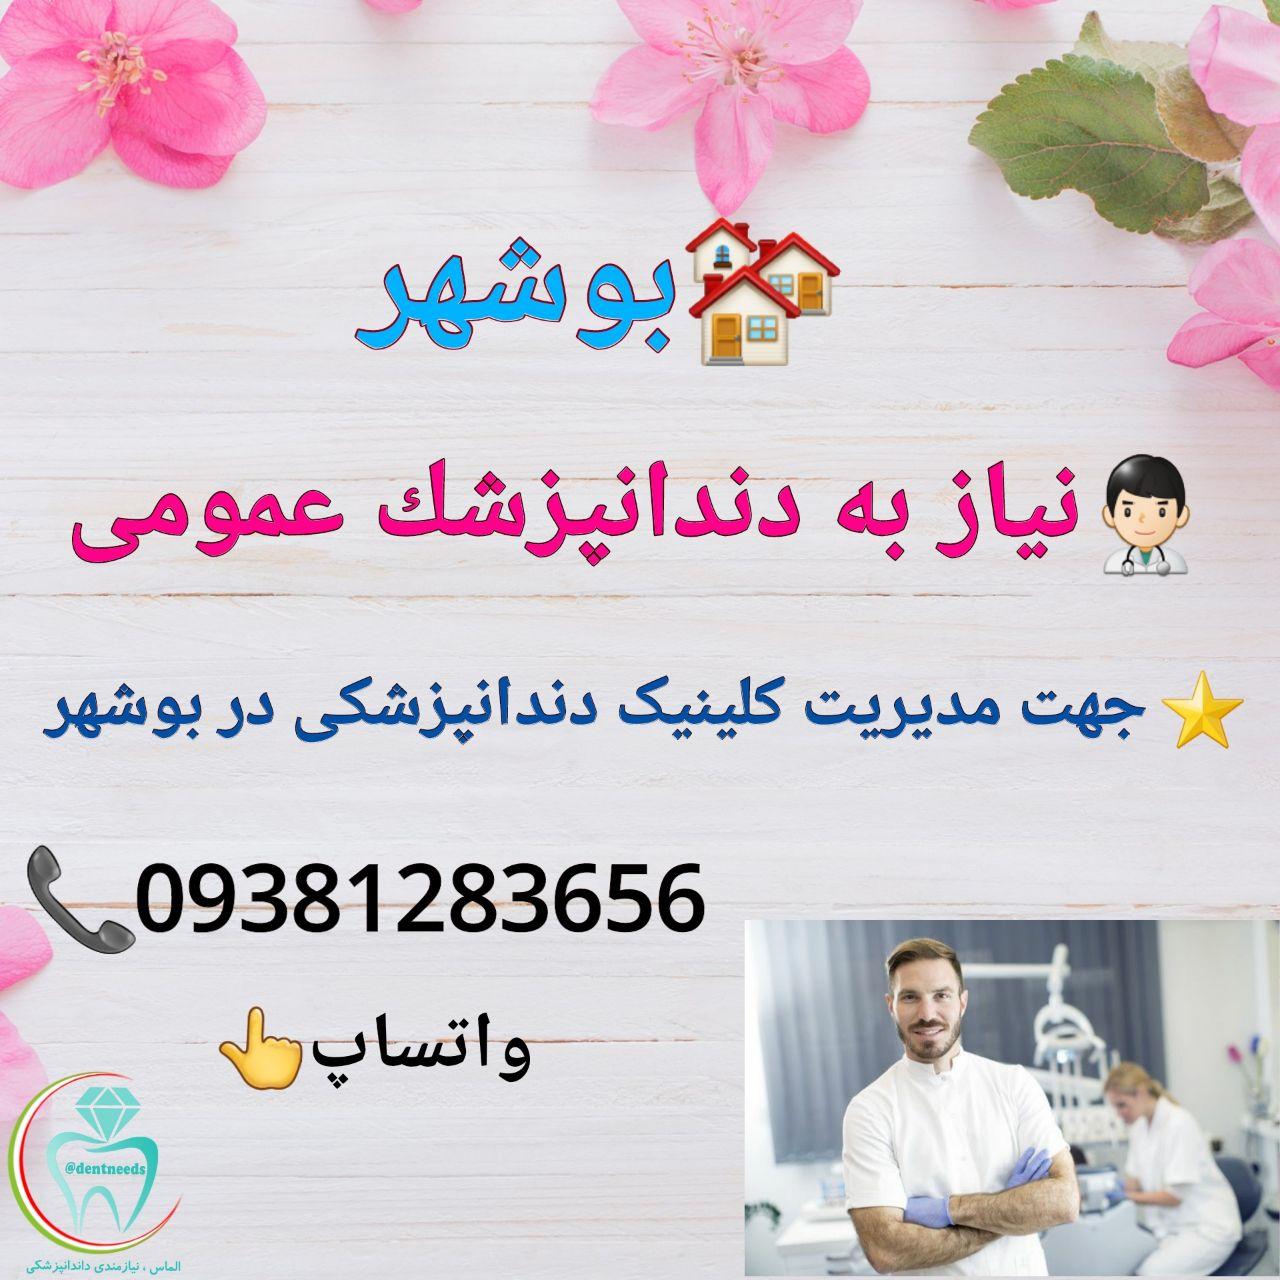 بوشهر: نیاز به دندانپزشک عمومی